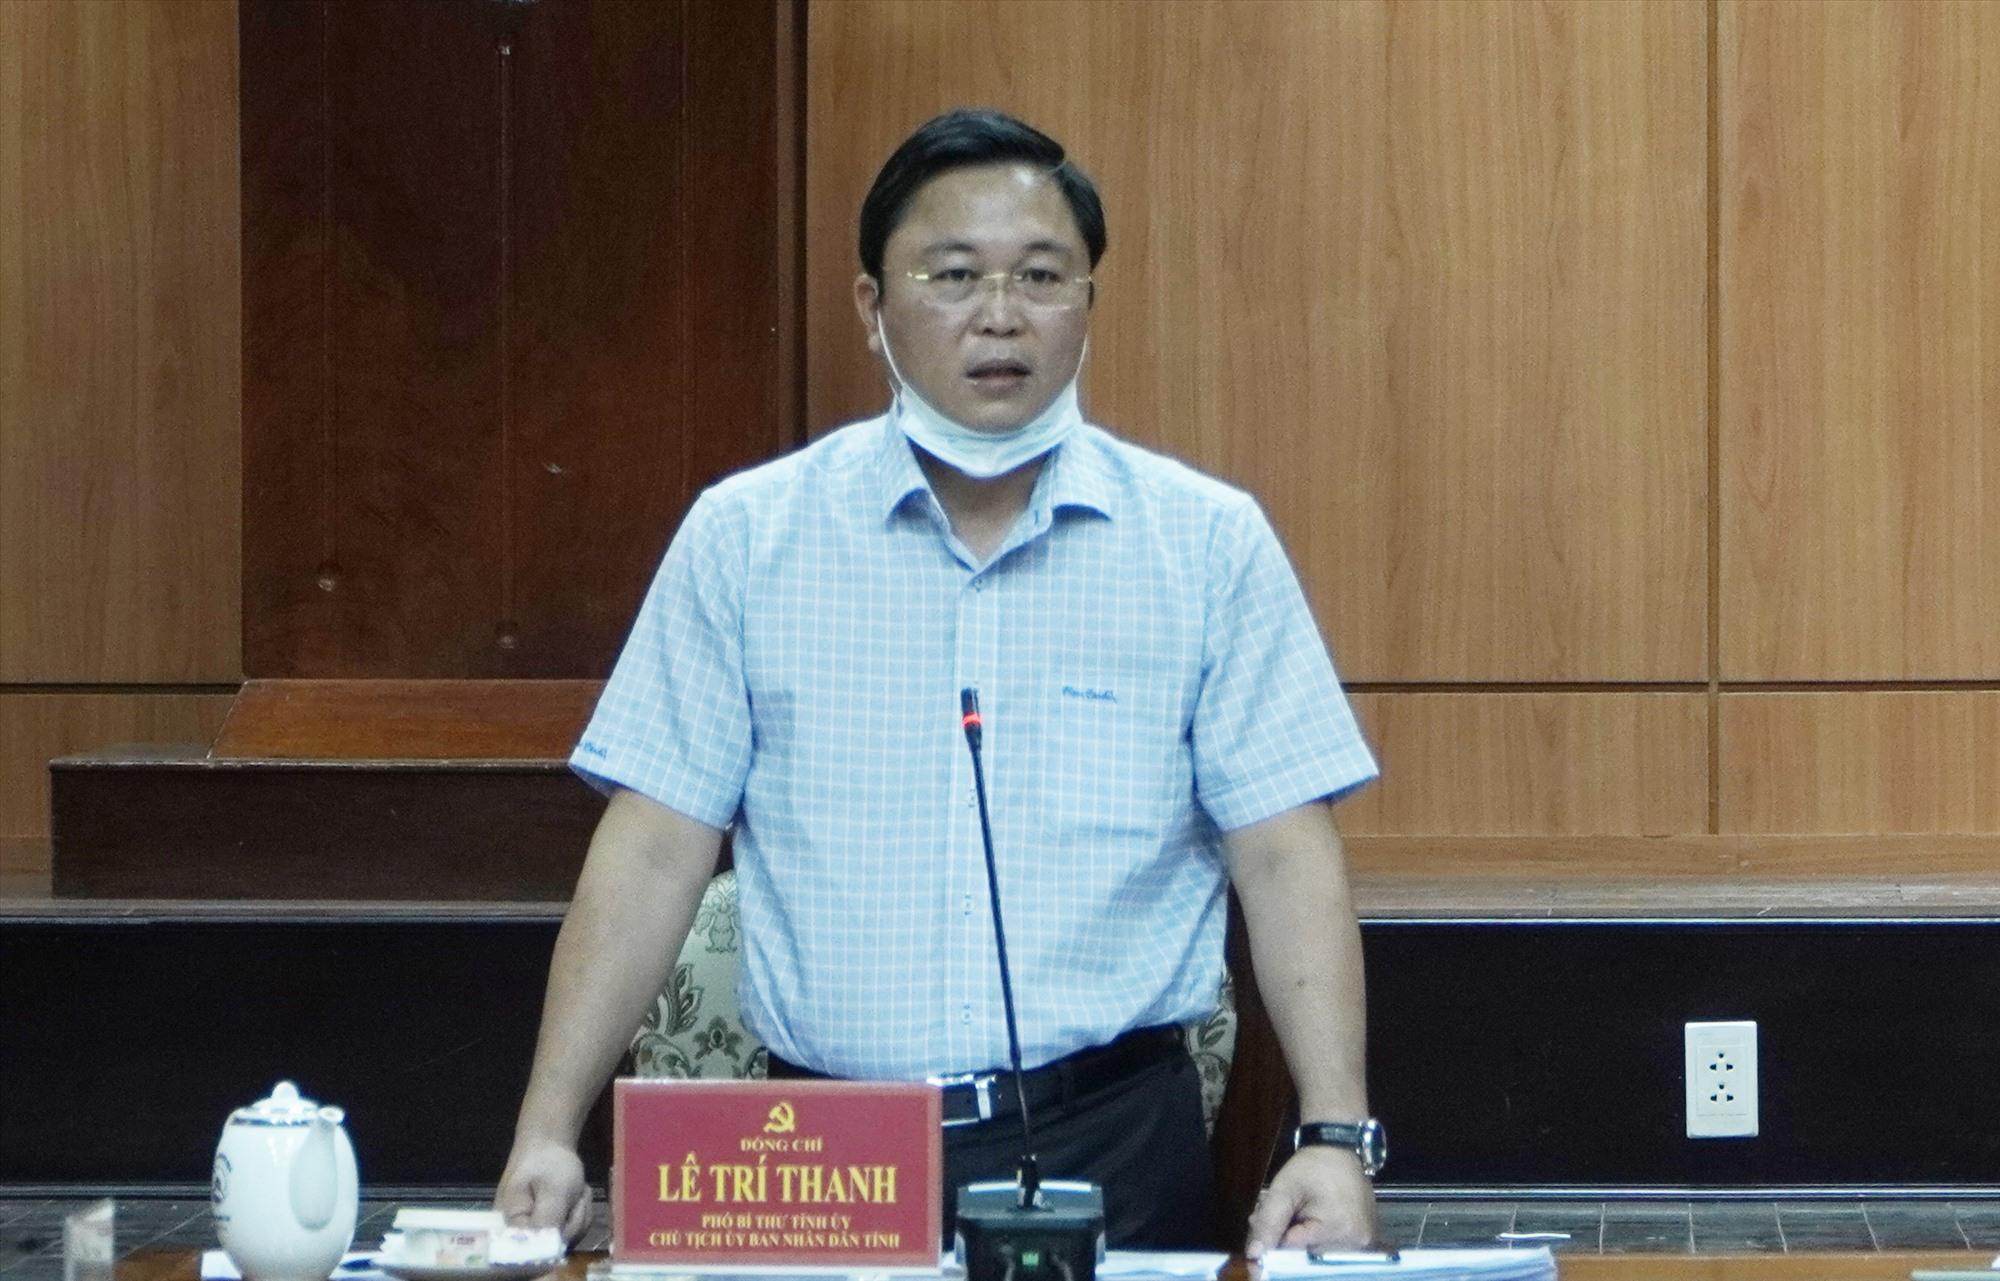 Chủ tịch UBND tỉnh Lê Trí Thanh phất biểu tại cuộc họp. Ảnh: PHAN VINH